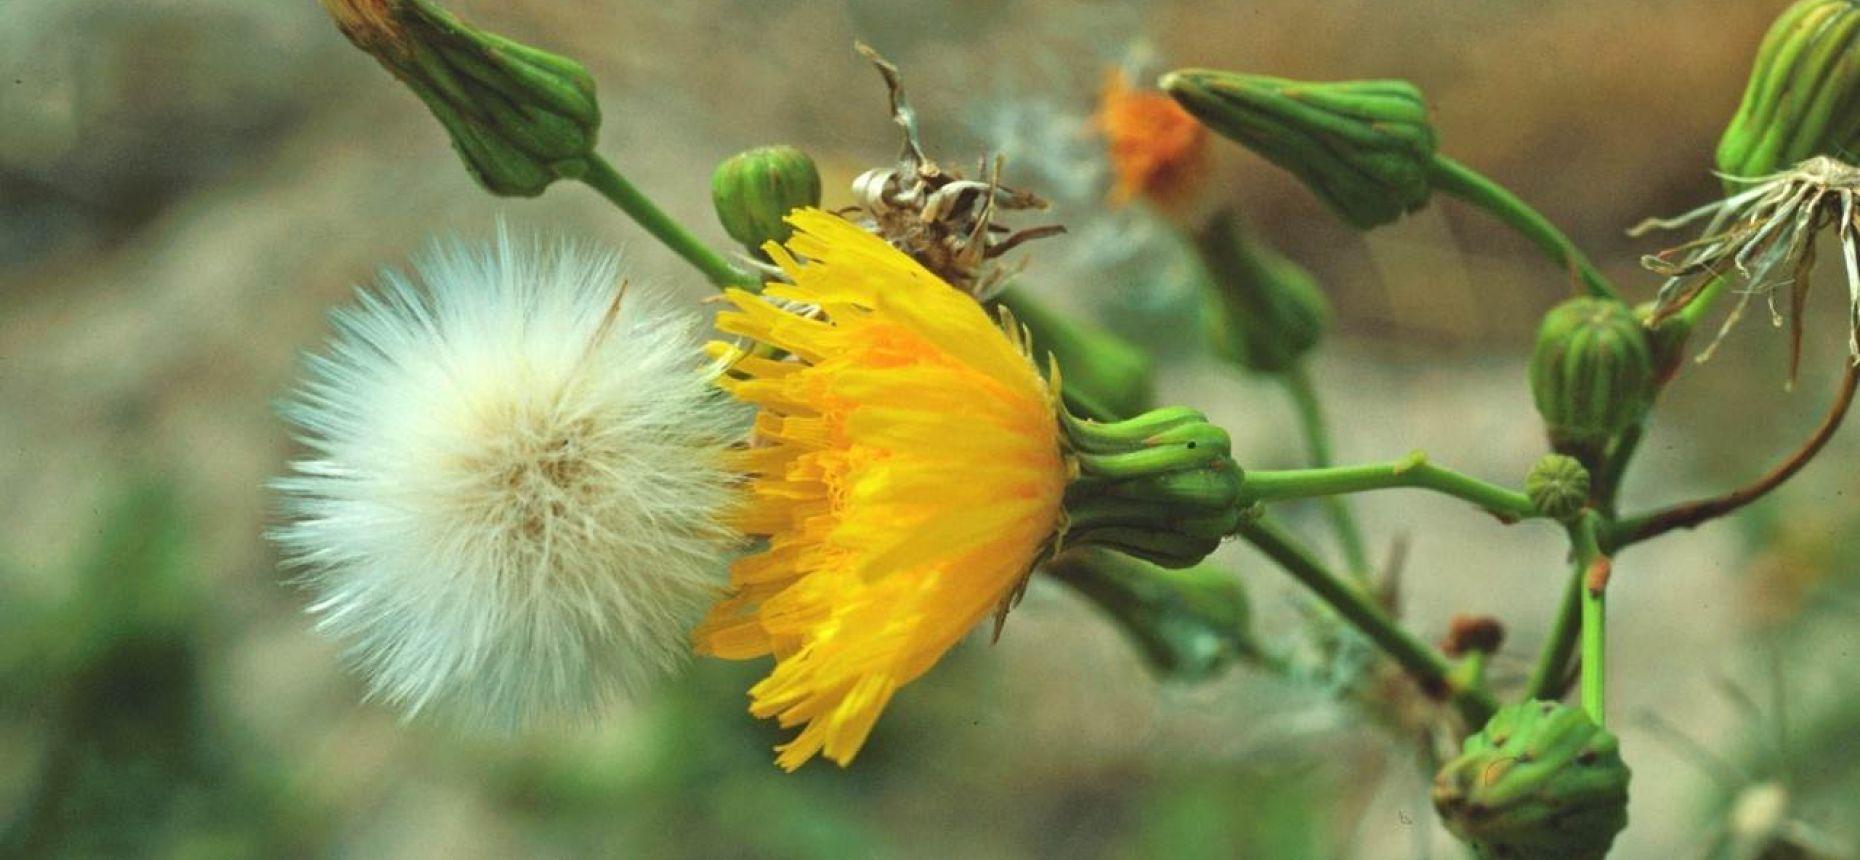 Осот полевой, осот желтый, осот молочайный - SonchusarvensisL.